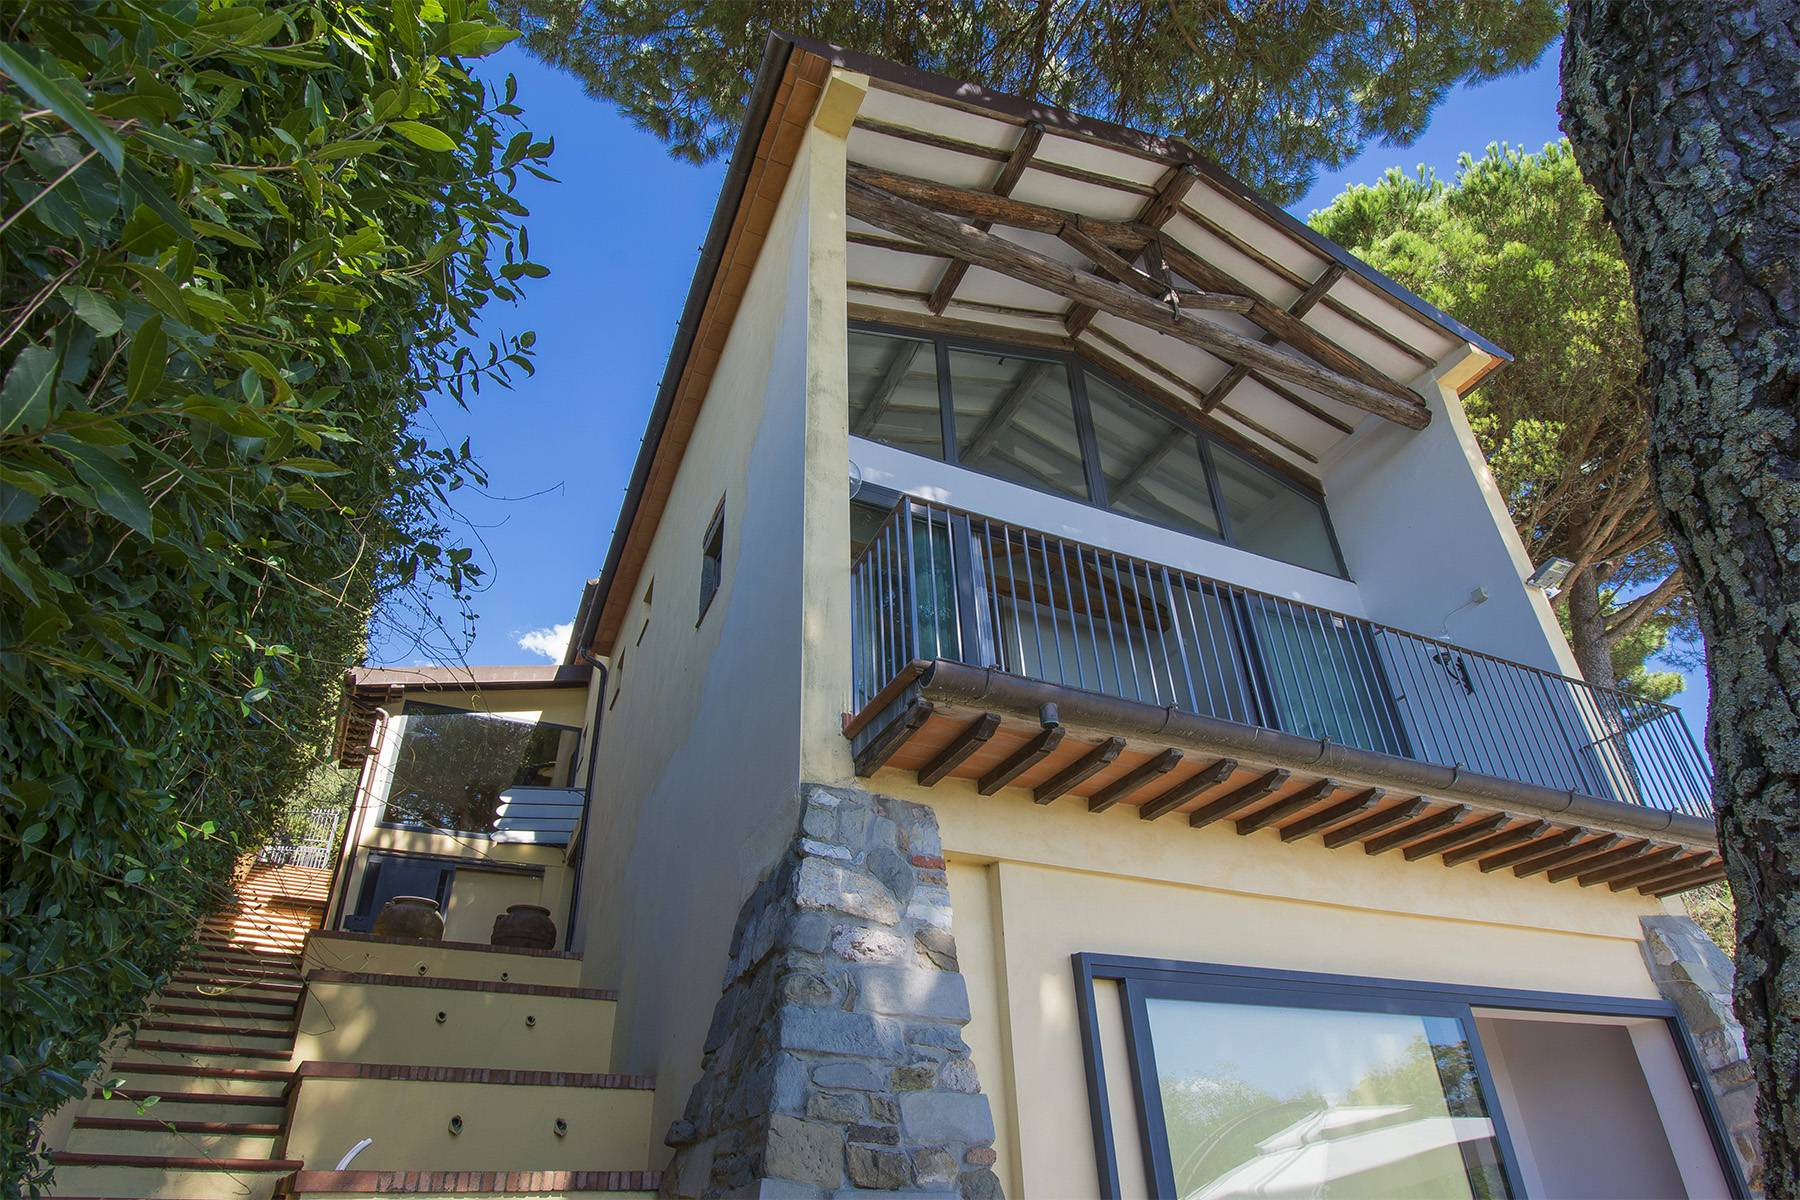 Villa in Vendita a Montecatini-Terme: 5 locali, 250 mq - Foto 3